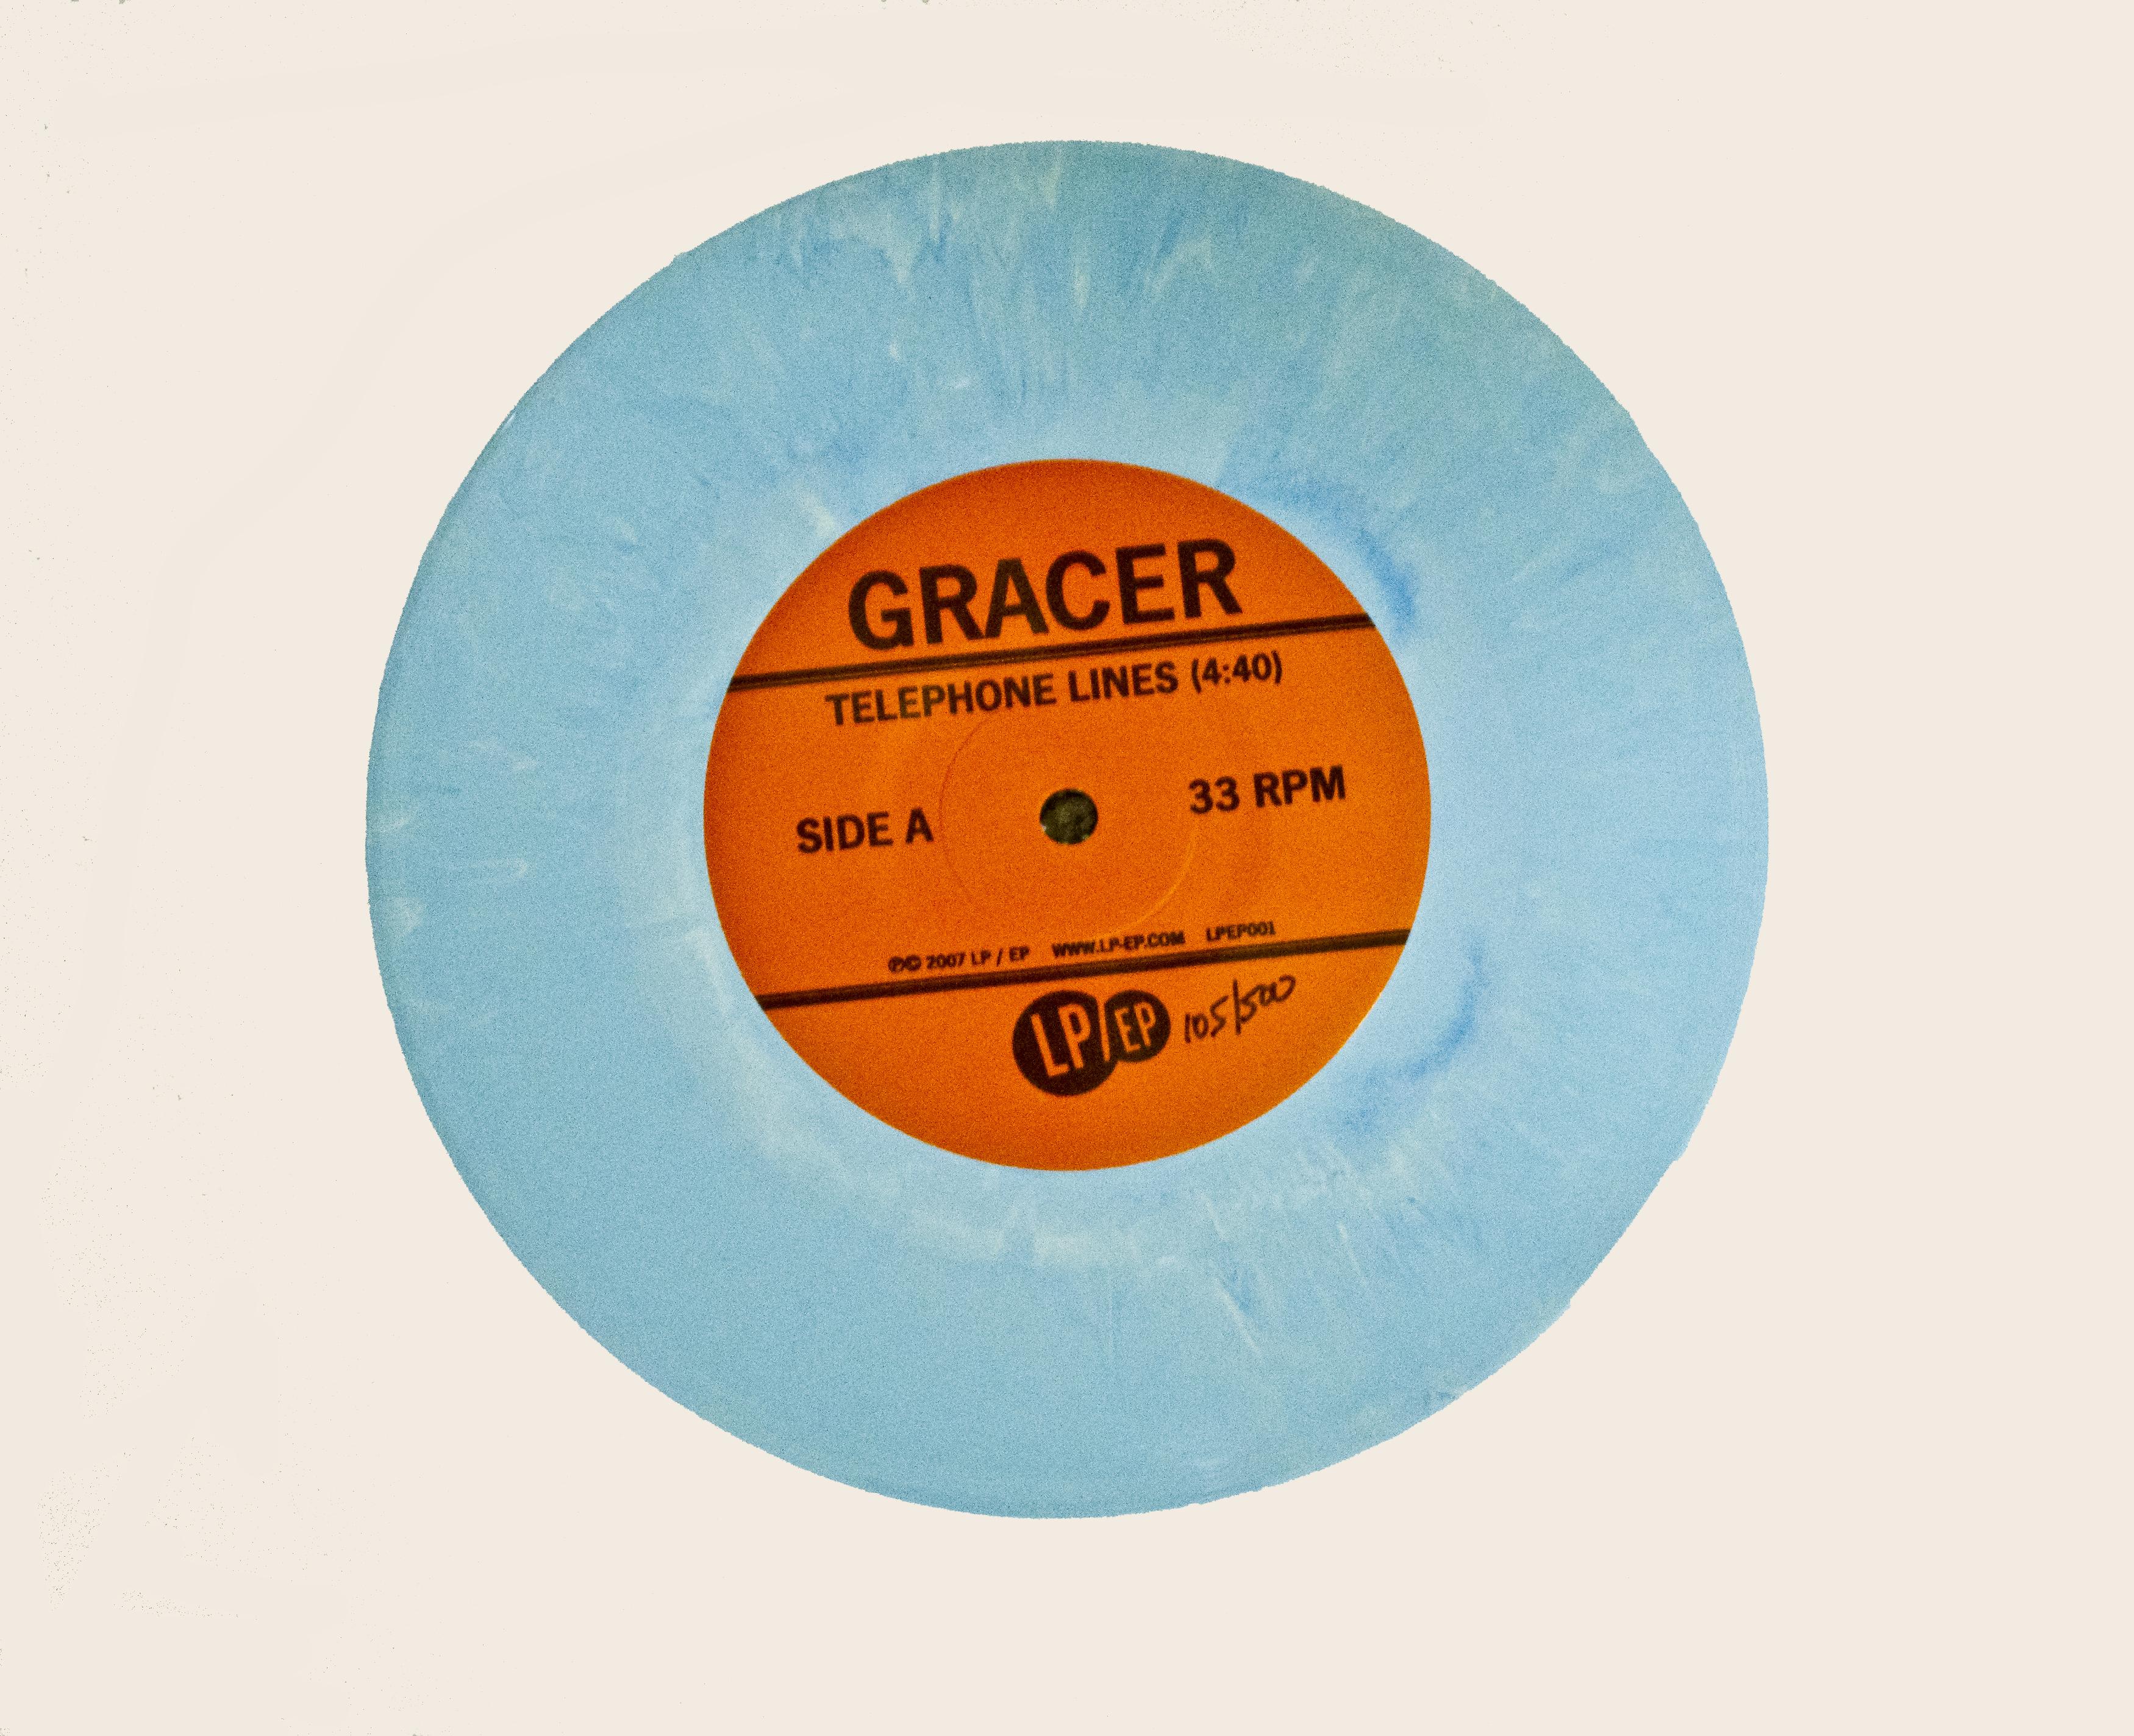 Gracer/Lady Fantasic Split 7